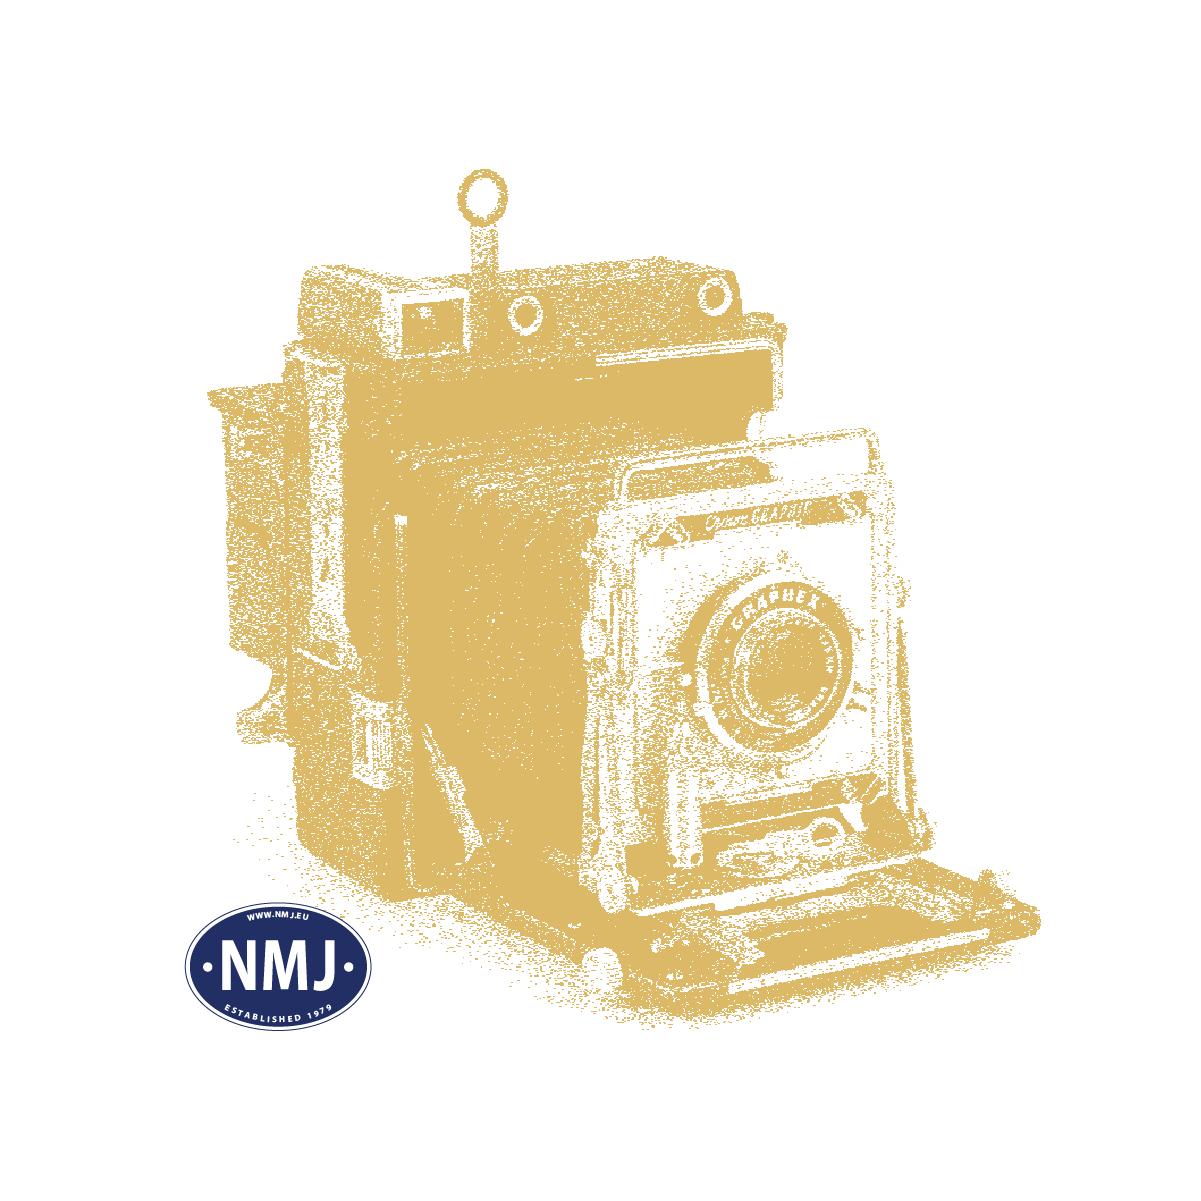 MOE0419 - Modell & Elektronikk 4/2019, Teknisk Hobbyblad